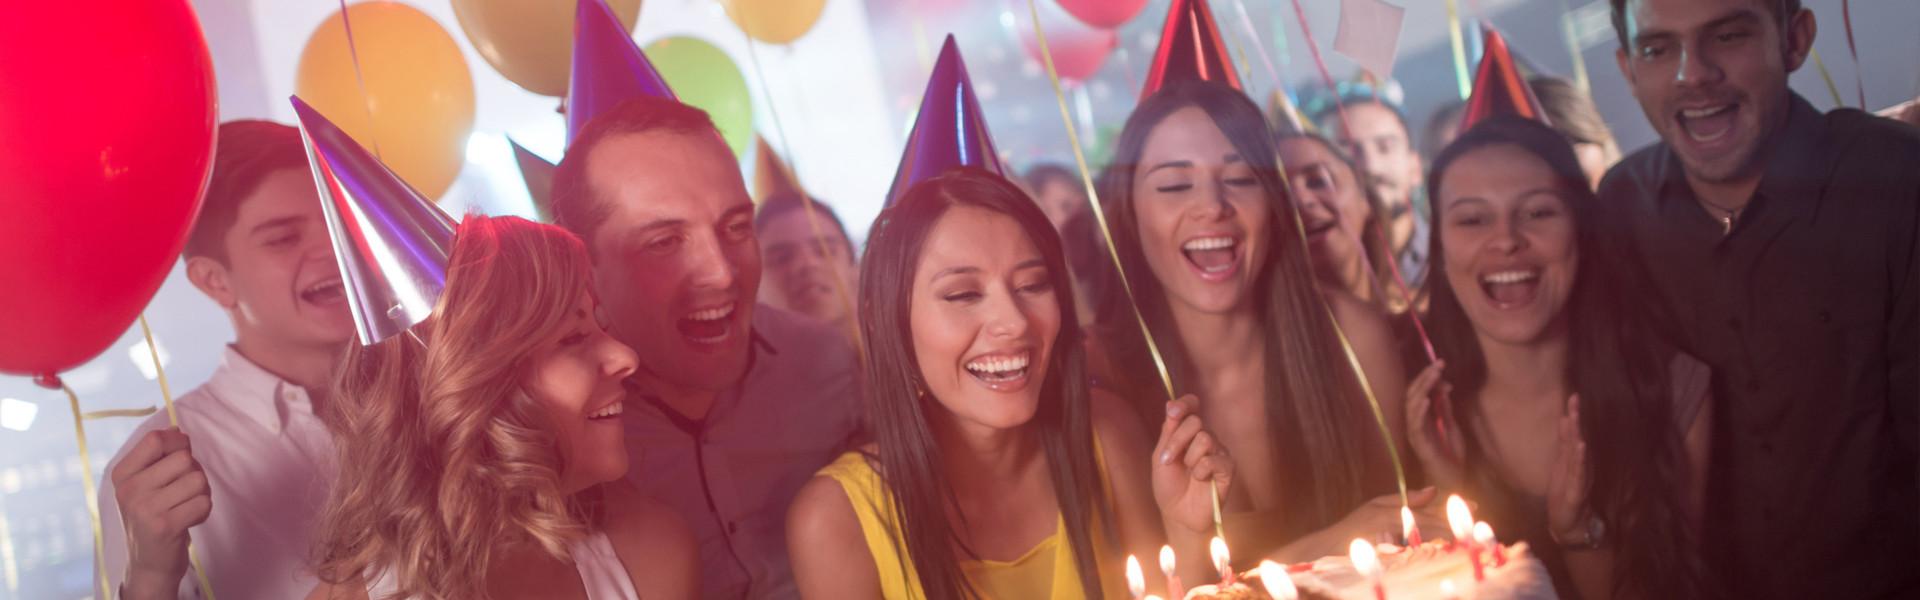 Best Birthday Party Venues In Las Vegas | People Dancing